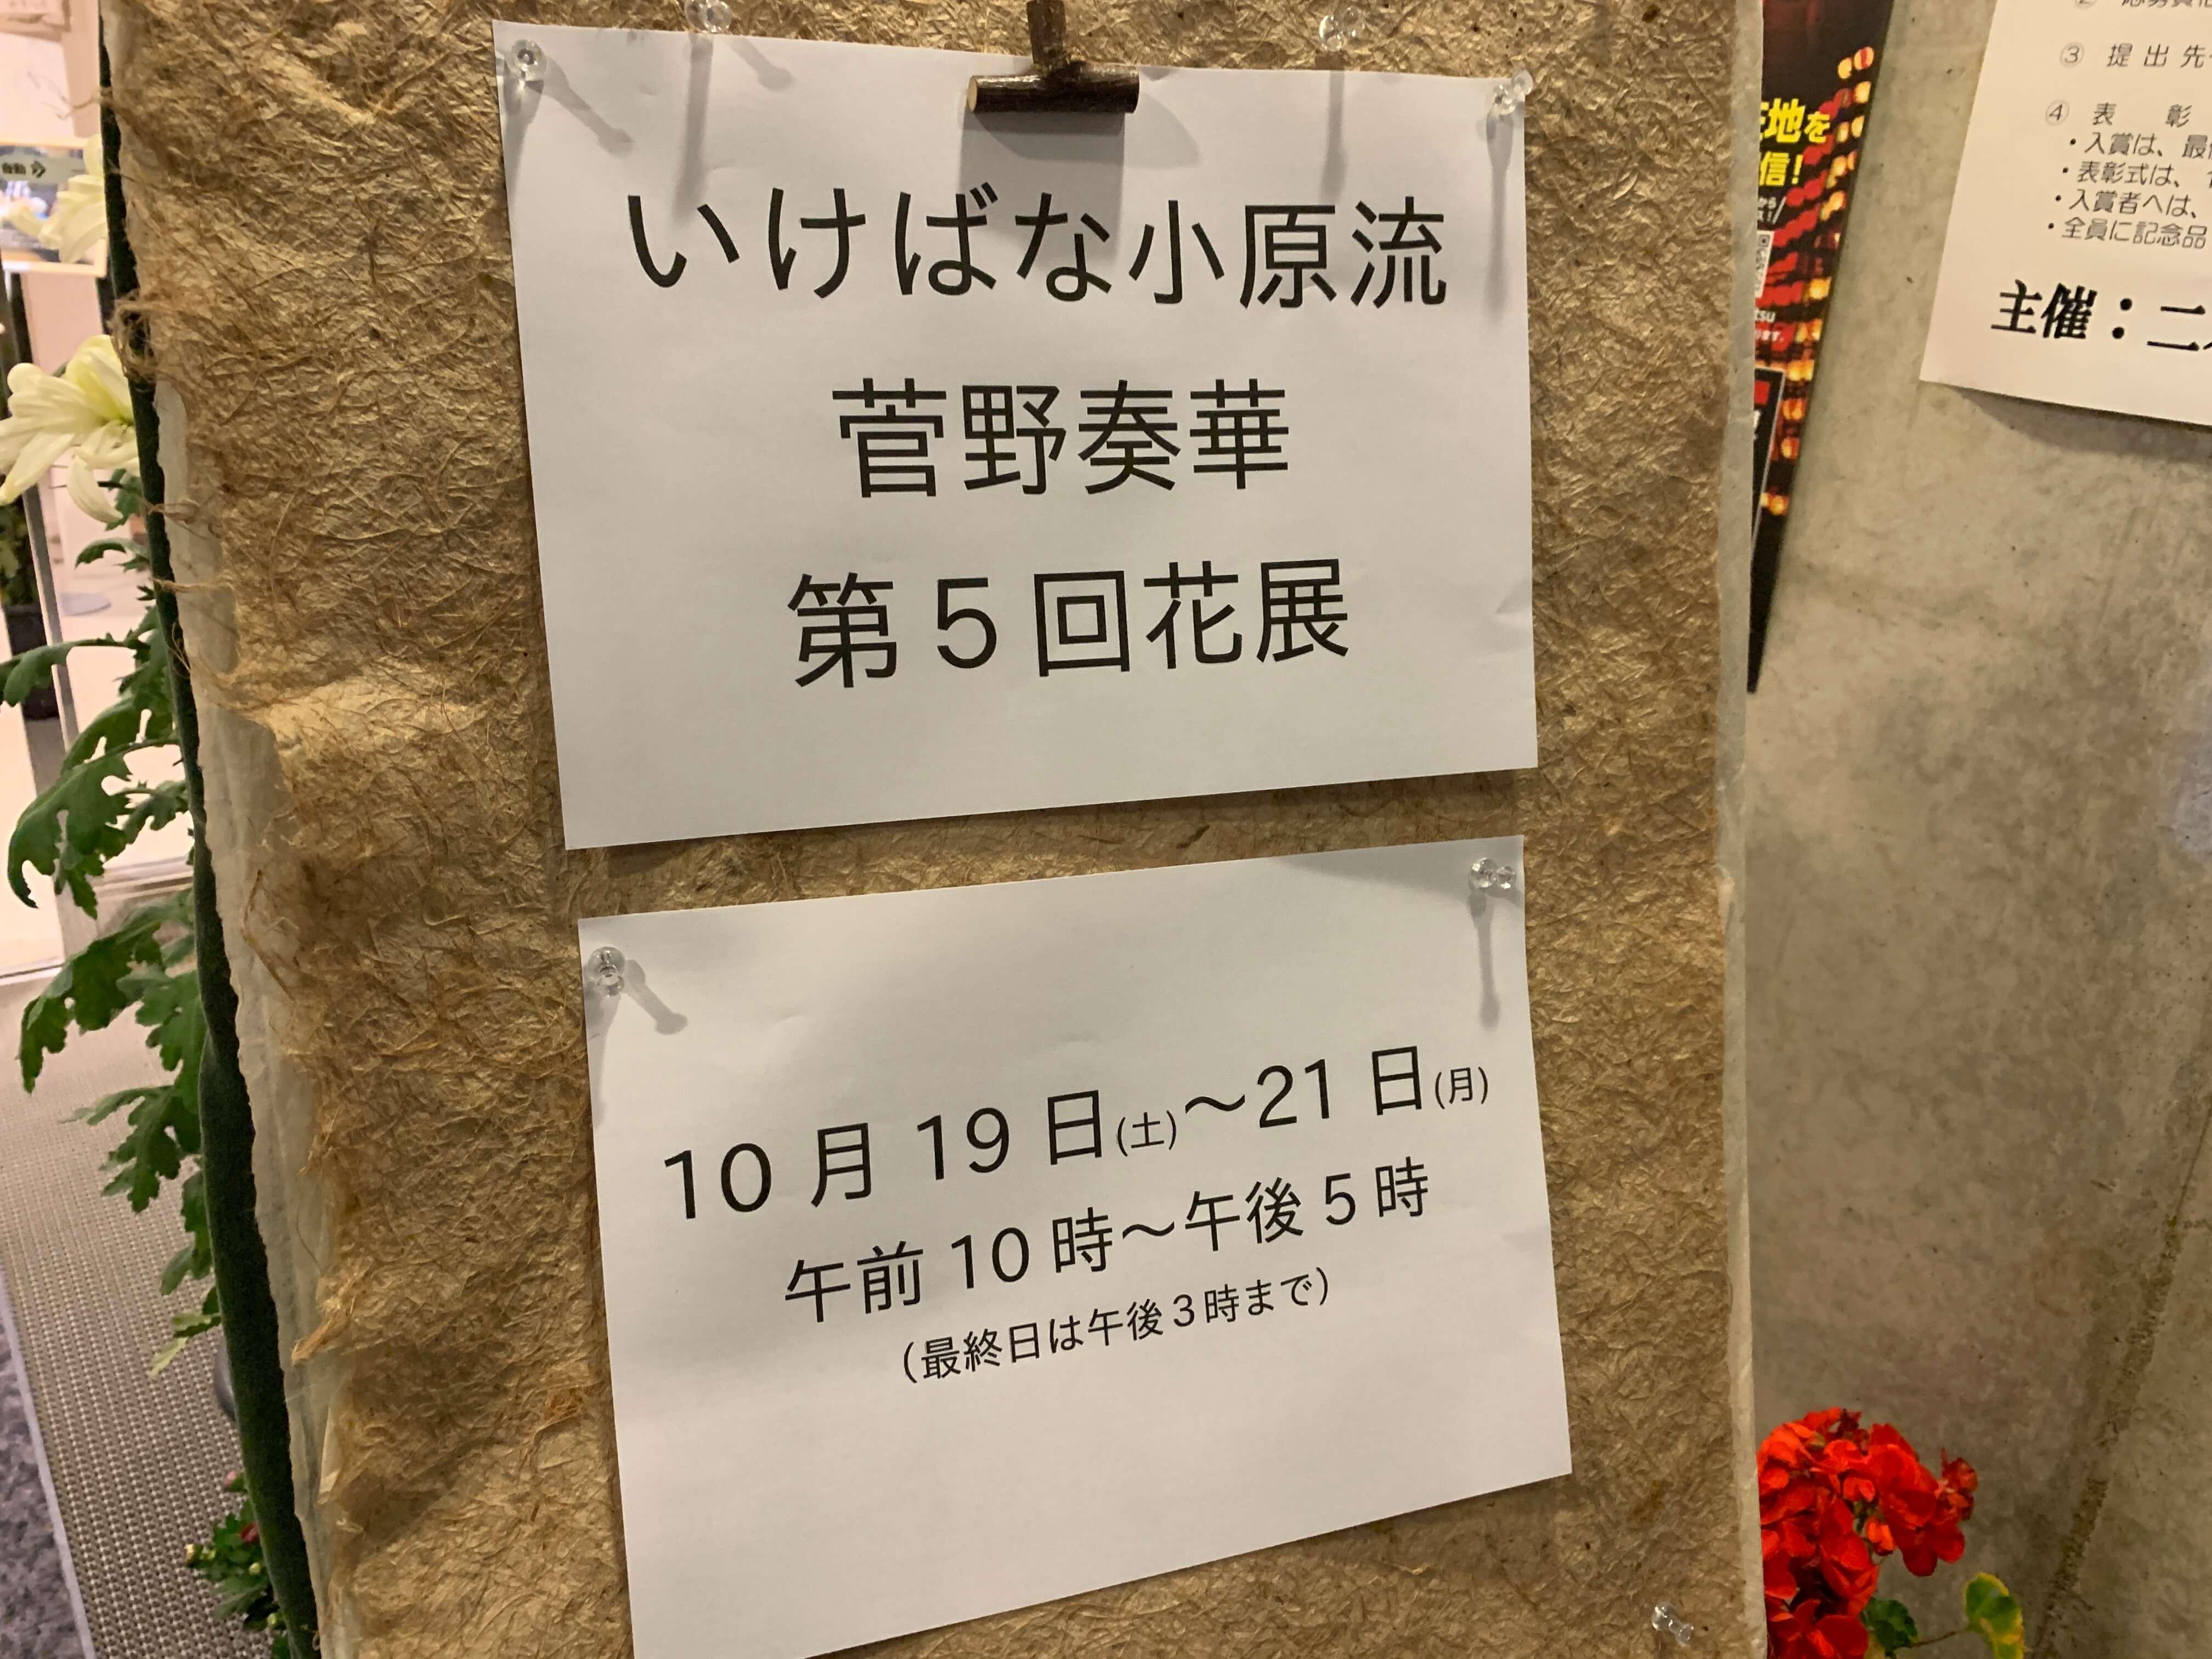 いけばな小原流 @二本松工藝舘